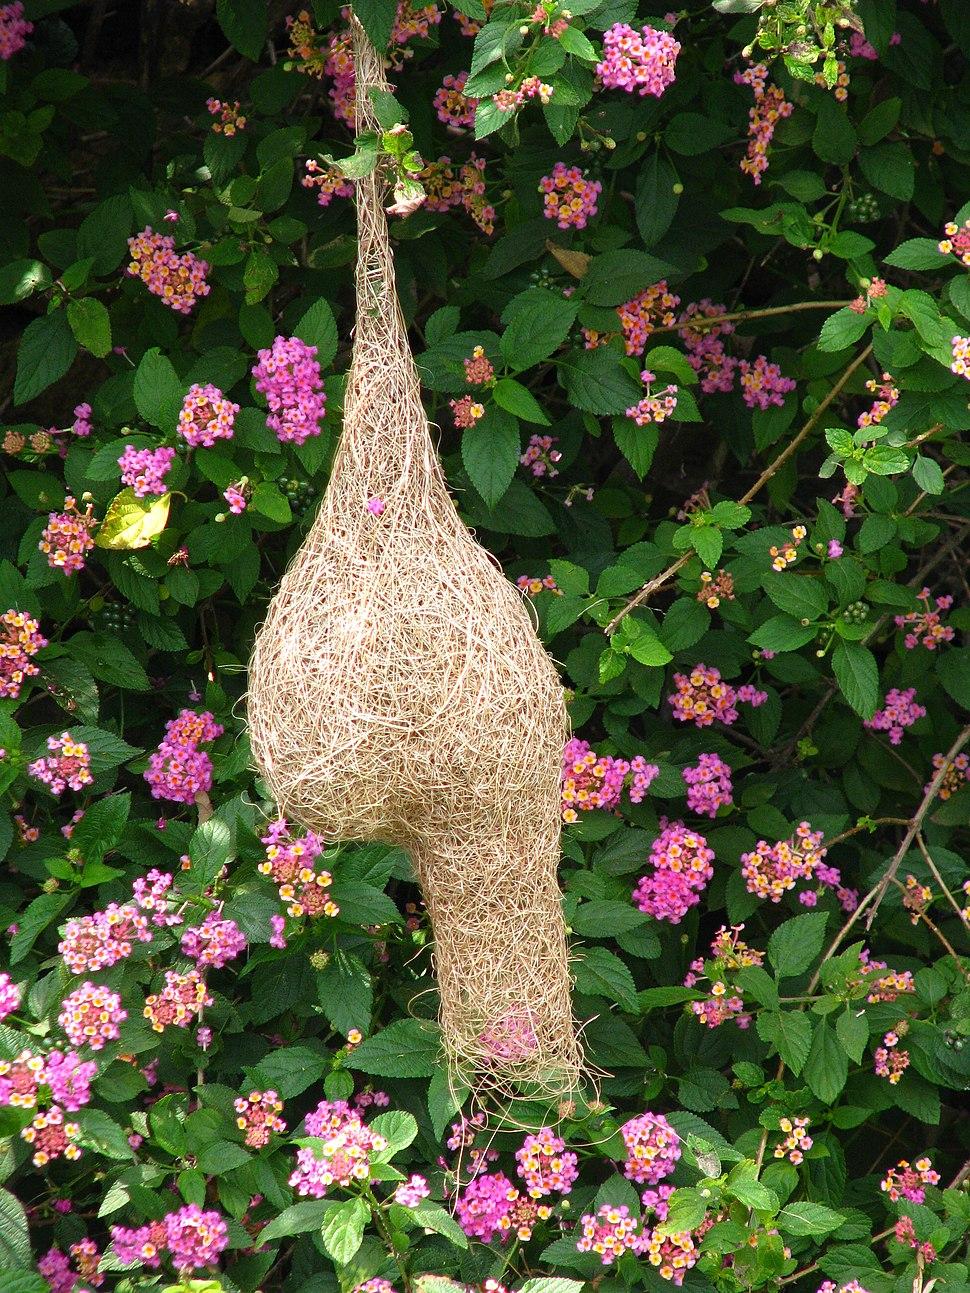 Yelagiri bird's nest